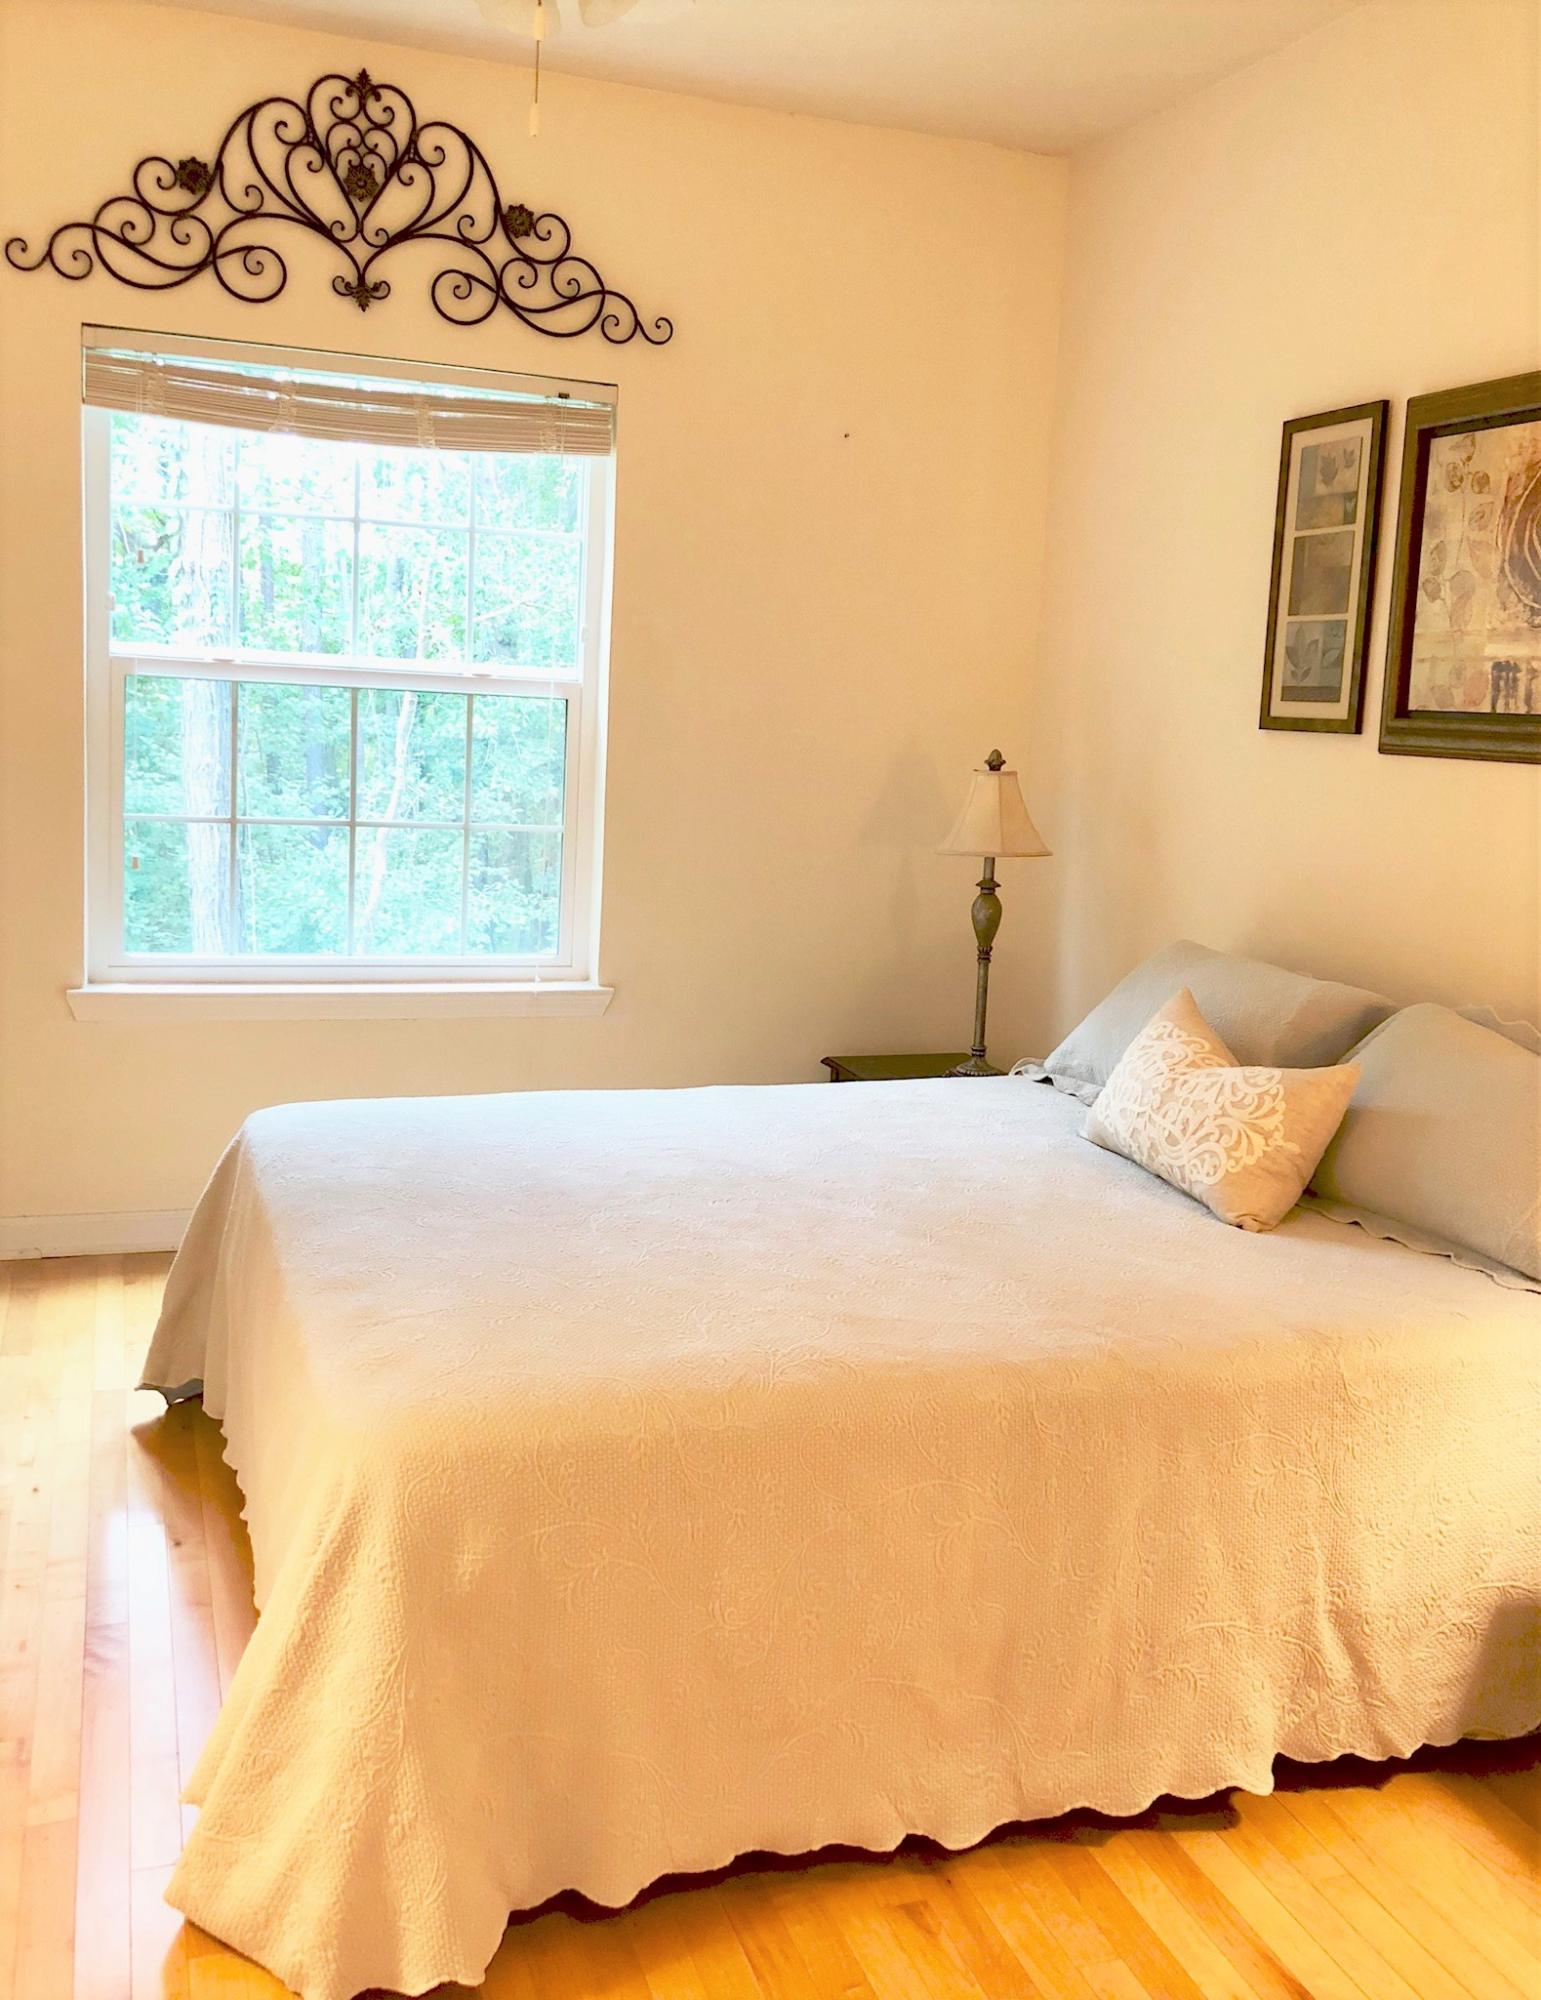 Park West Homes For Sale - 1300 Park West, Mount Pleasant, SC - 6